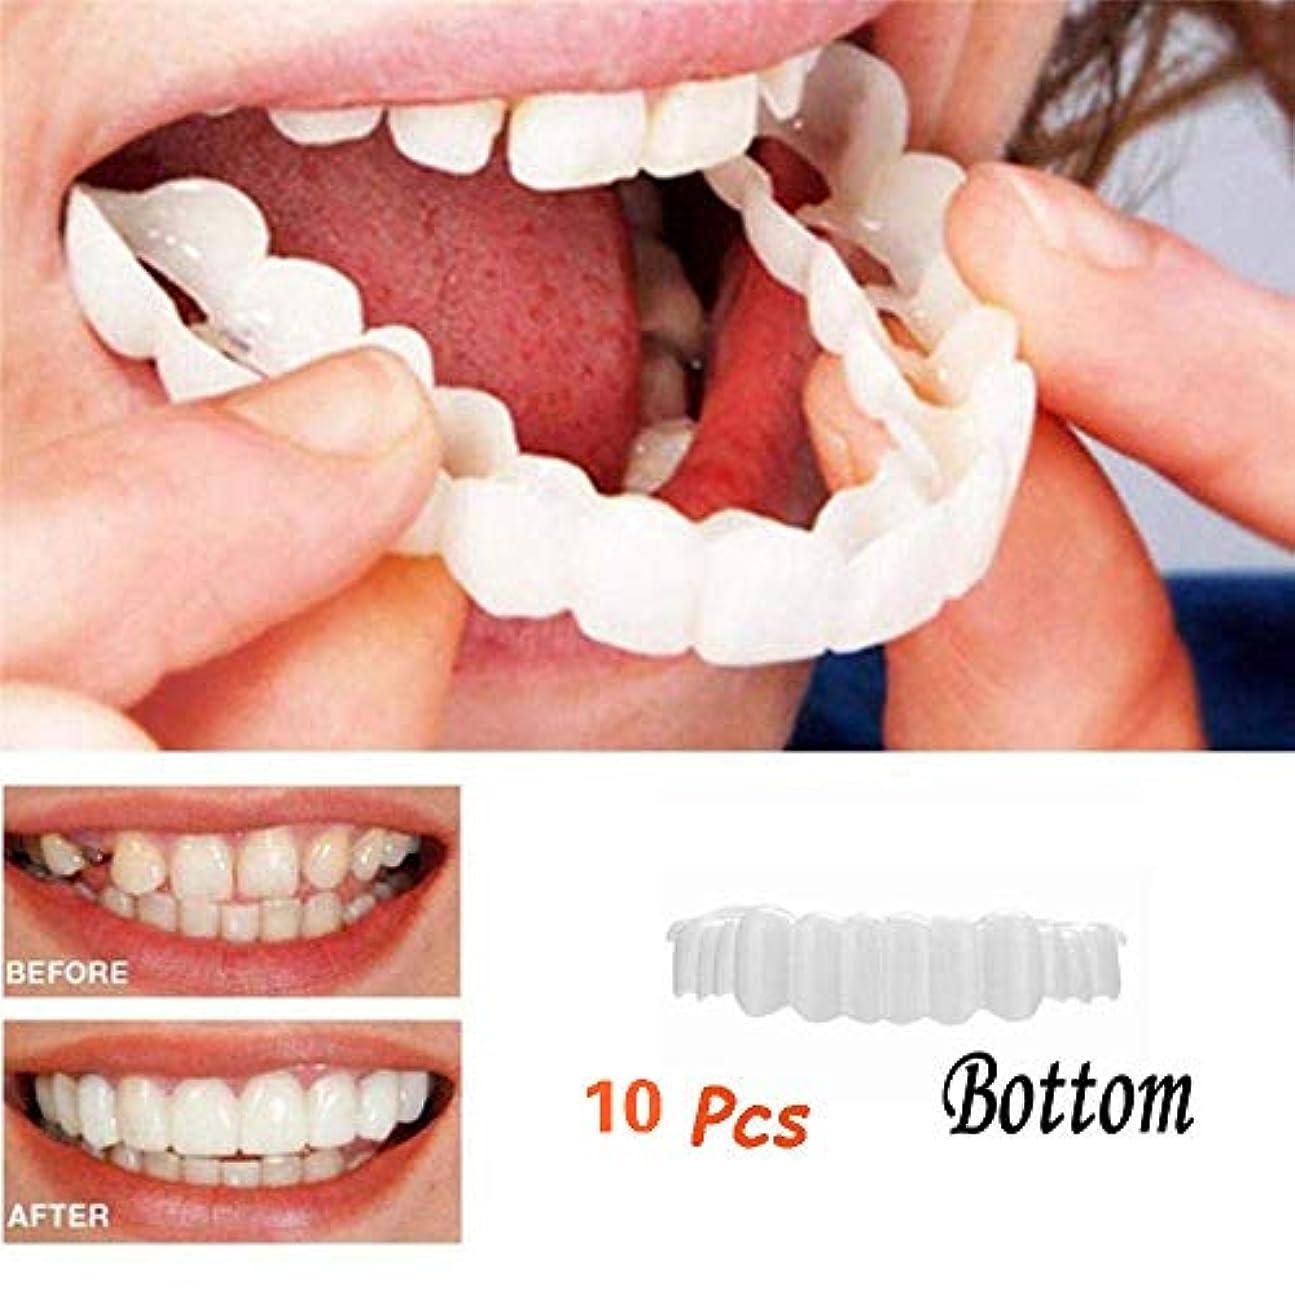 うなる凝視り10ピース化粧品歯化粧品歯科スナップインスタントパーフェクトスマイルコンフォートフィットフレックス歯白い歯カバーフィットほとんどの偽底歯